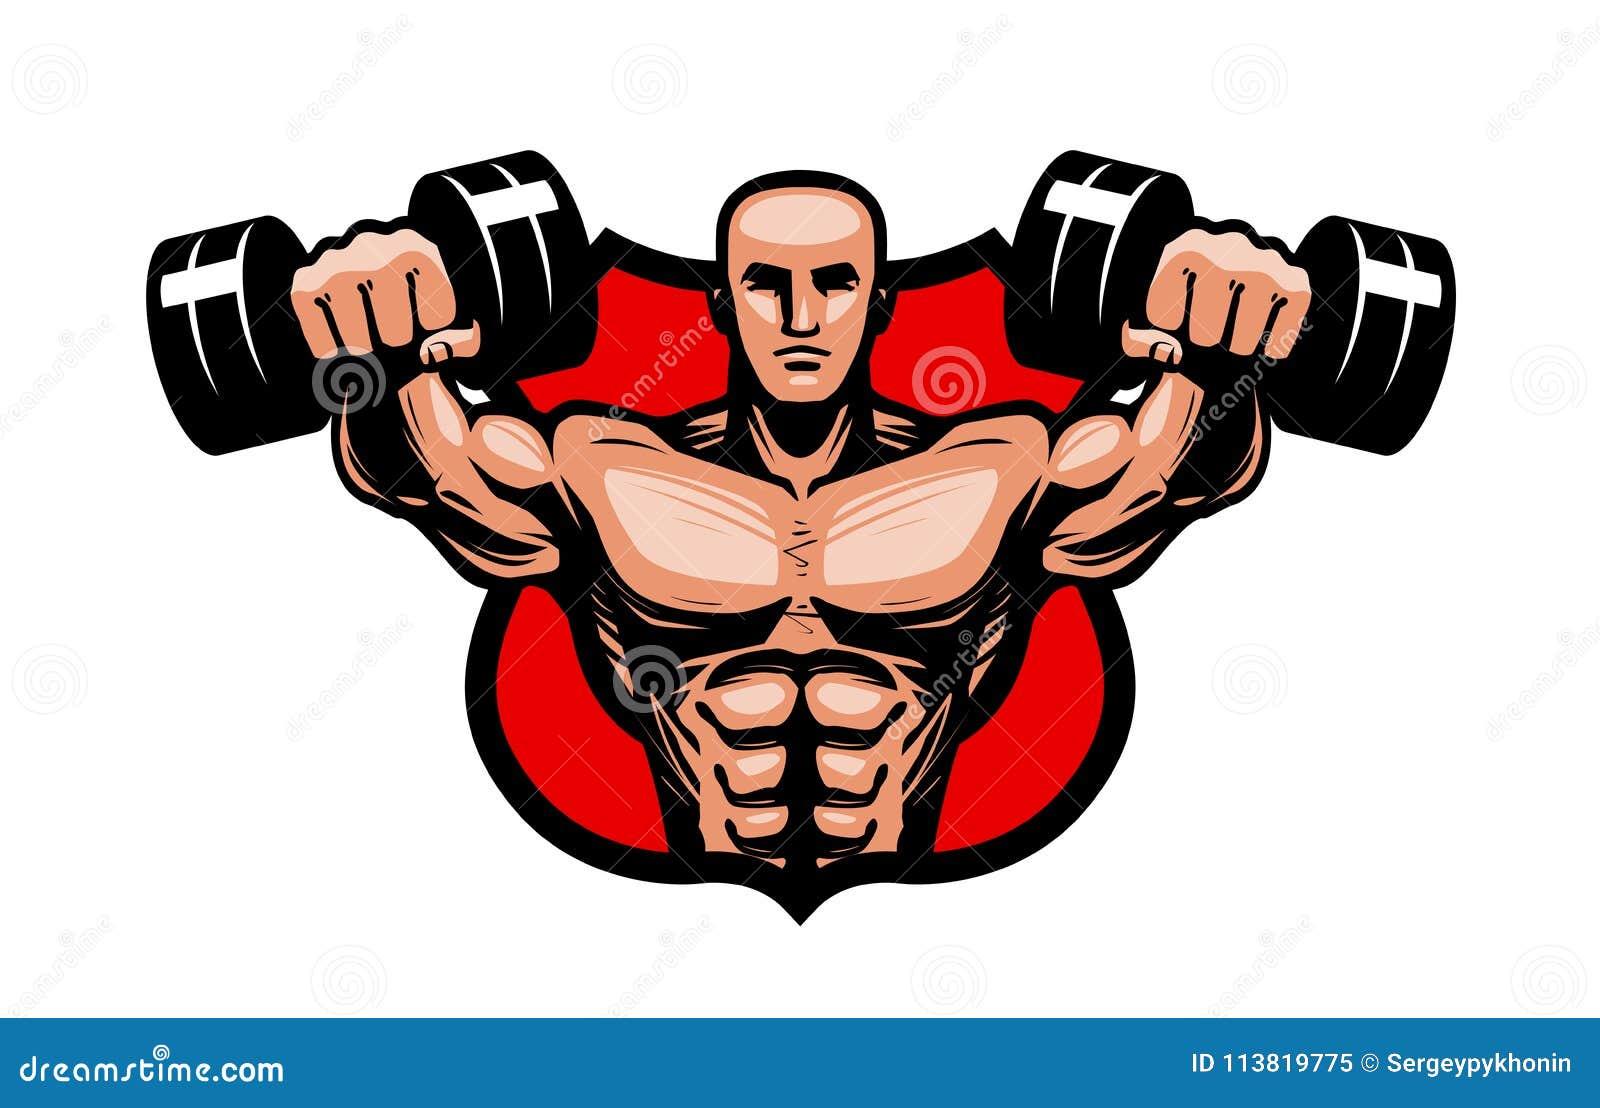 Gymnastiek, het bodybuilding, sportembleem of etiket De bodybuilder heft zware domorenhanden op Vector illustratie